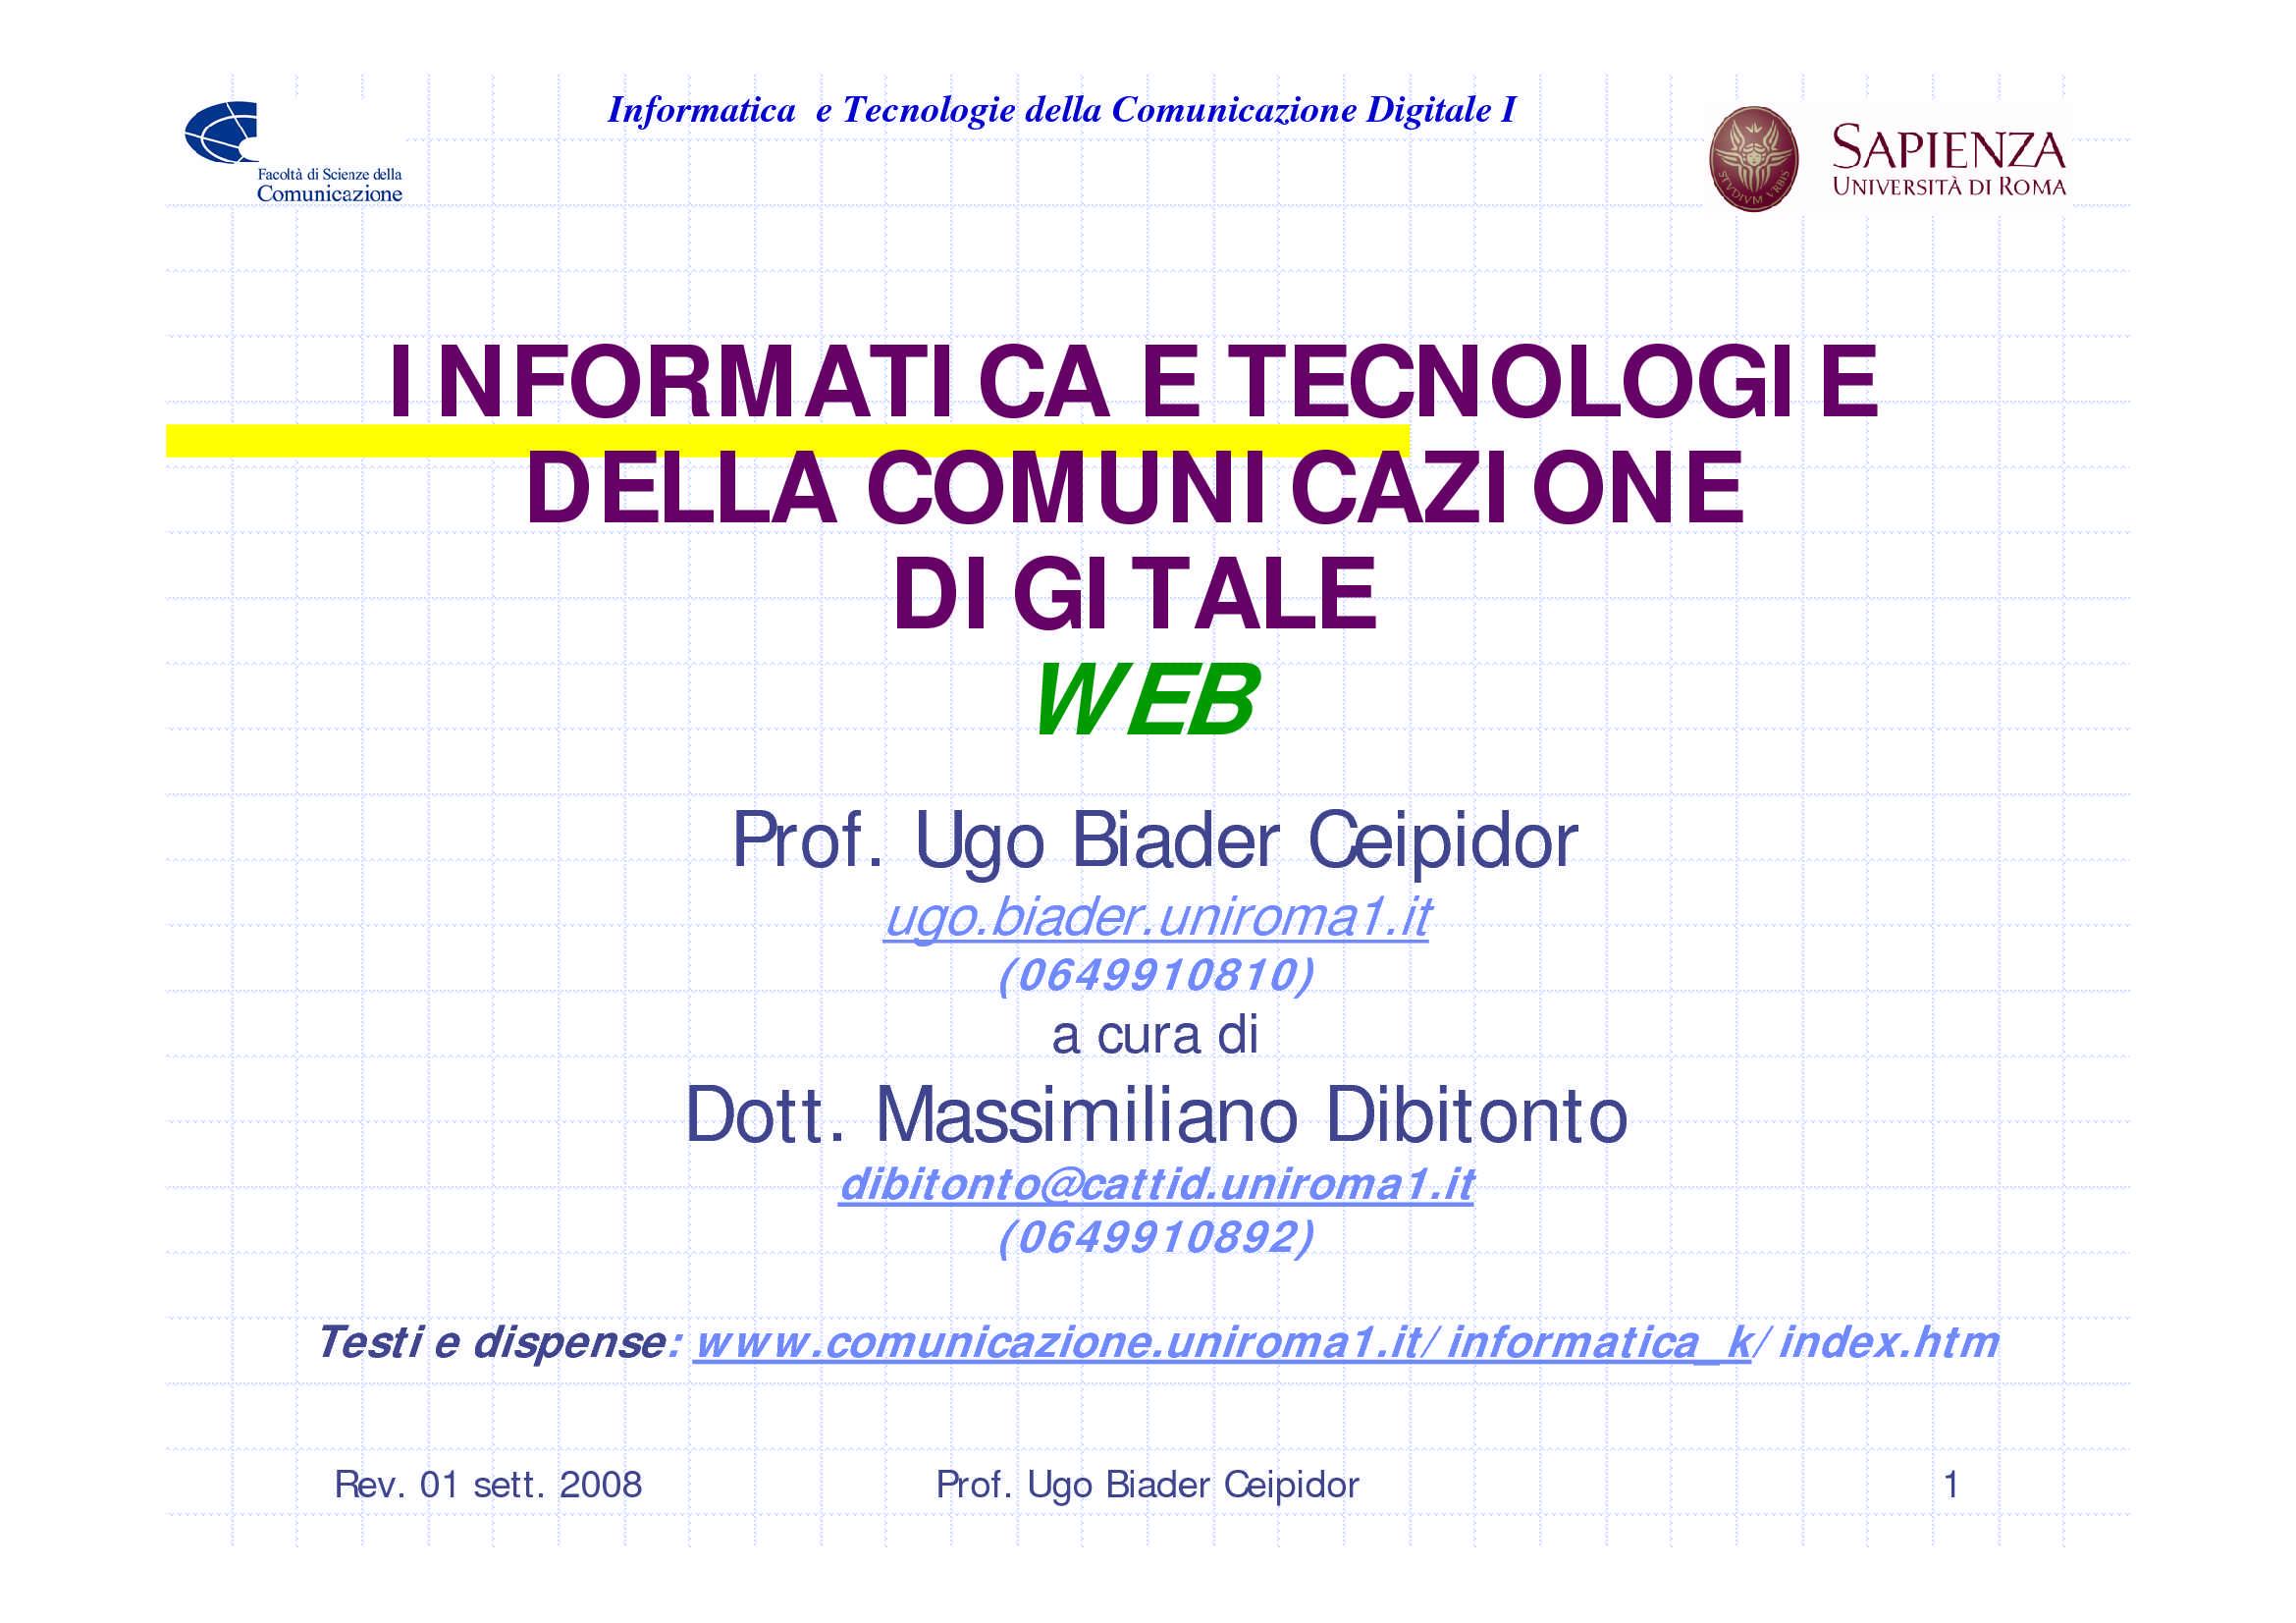 dispensa U. Biader Ceipidor INFORMATICA E TECNOLOGIE DELLA COMUNICAZIONE DIGITALE